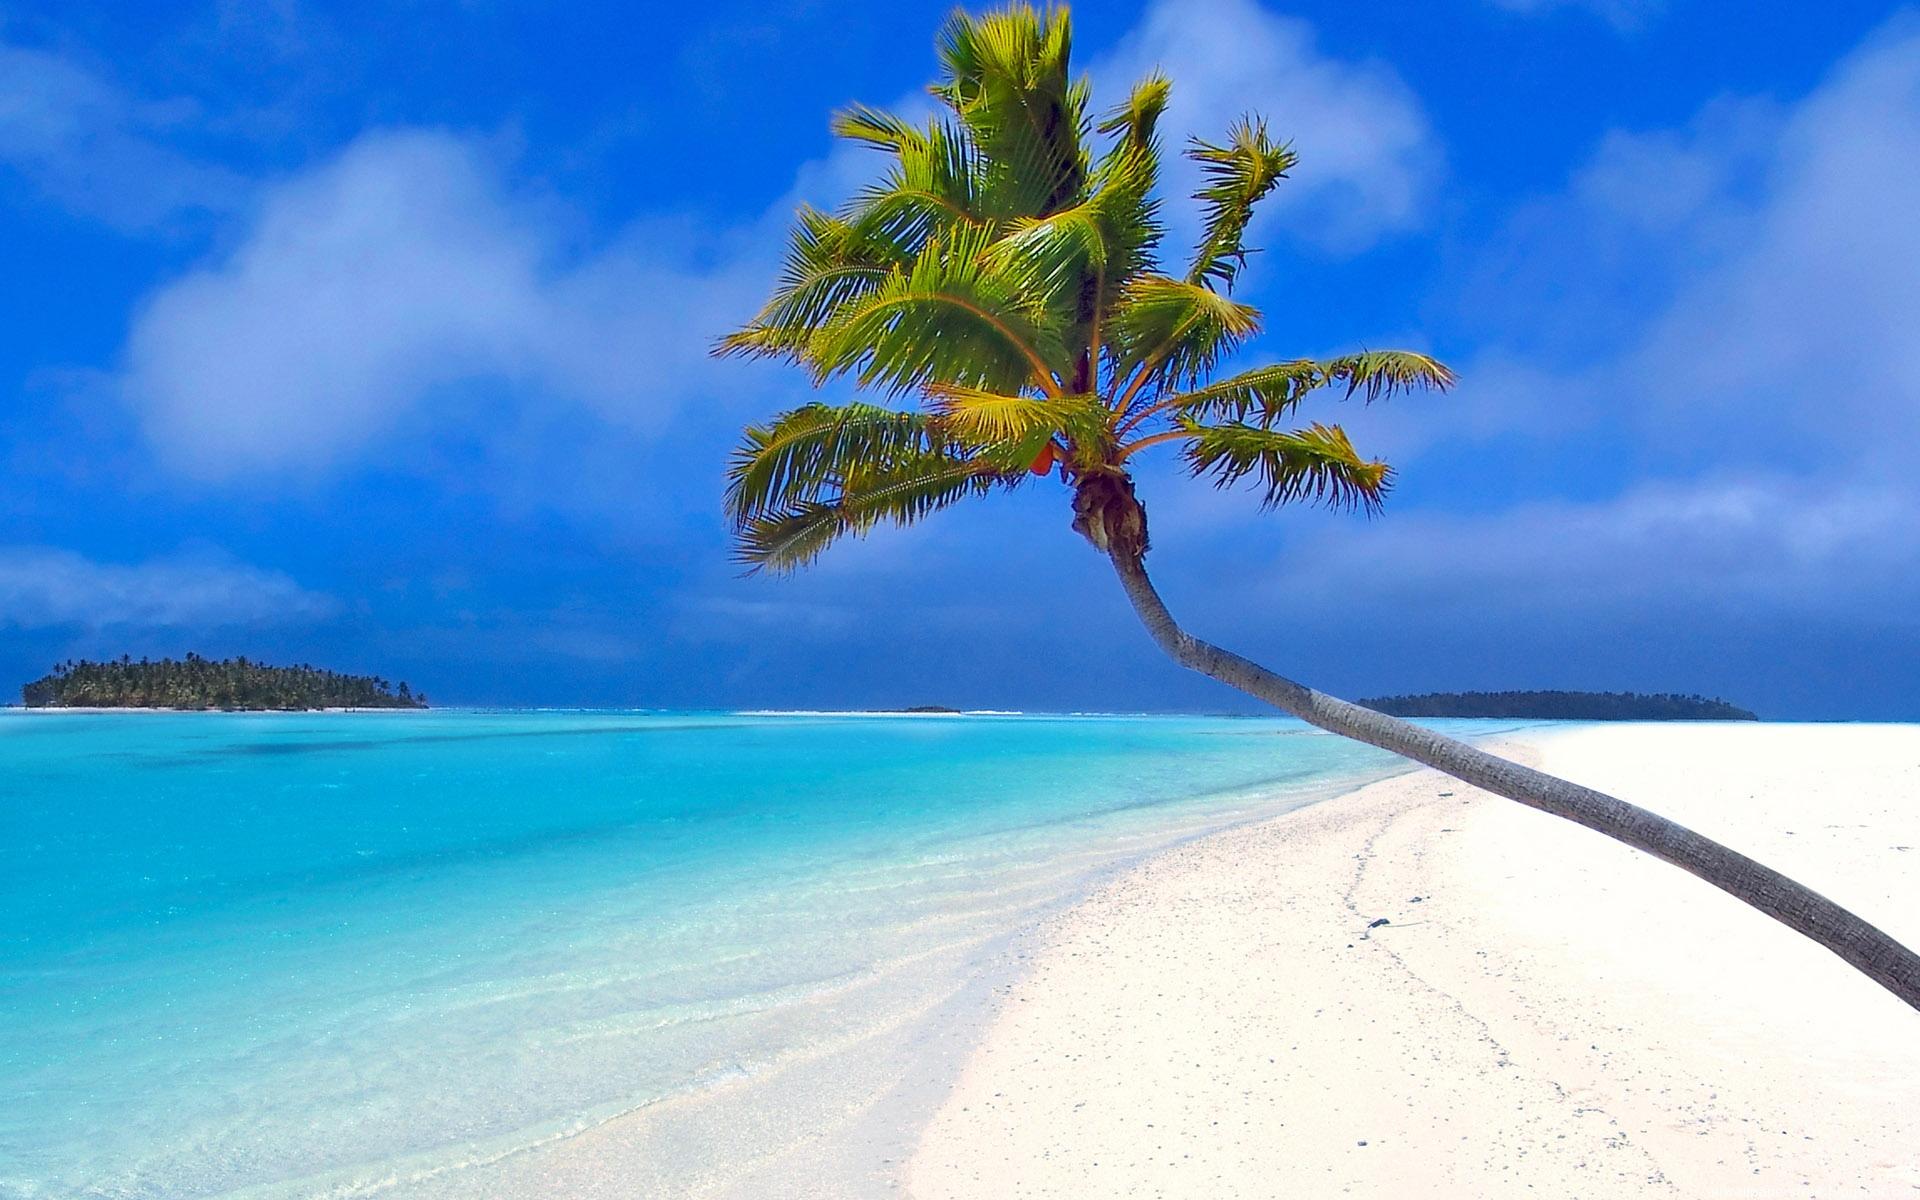 пальма на пляже, скачать фото, море, песок, обои для рабочего стола